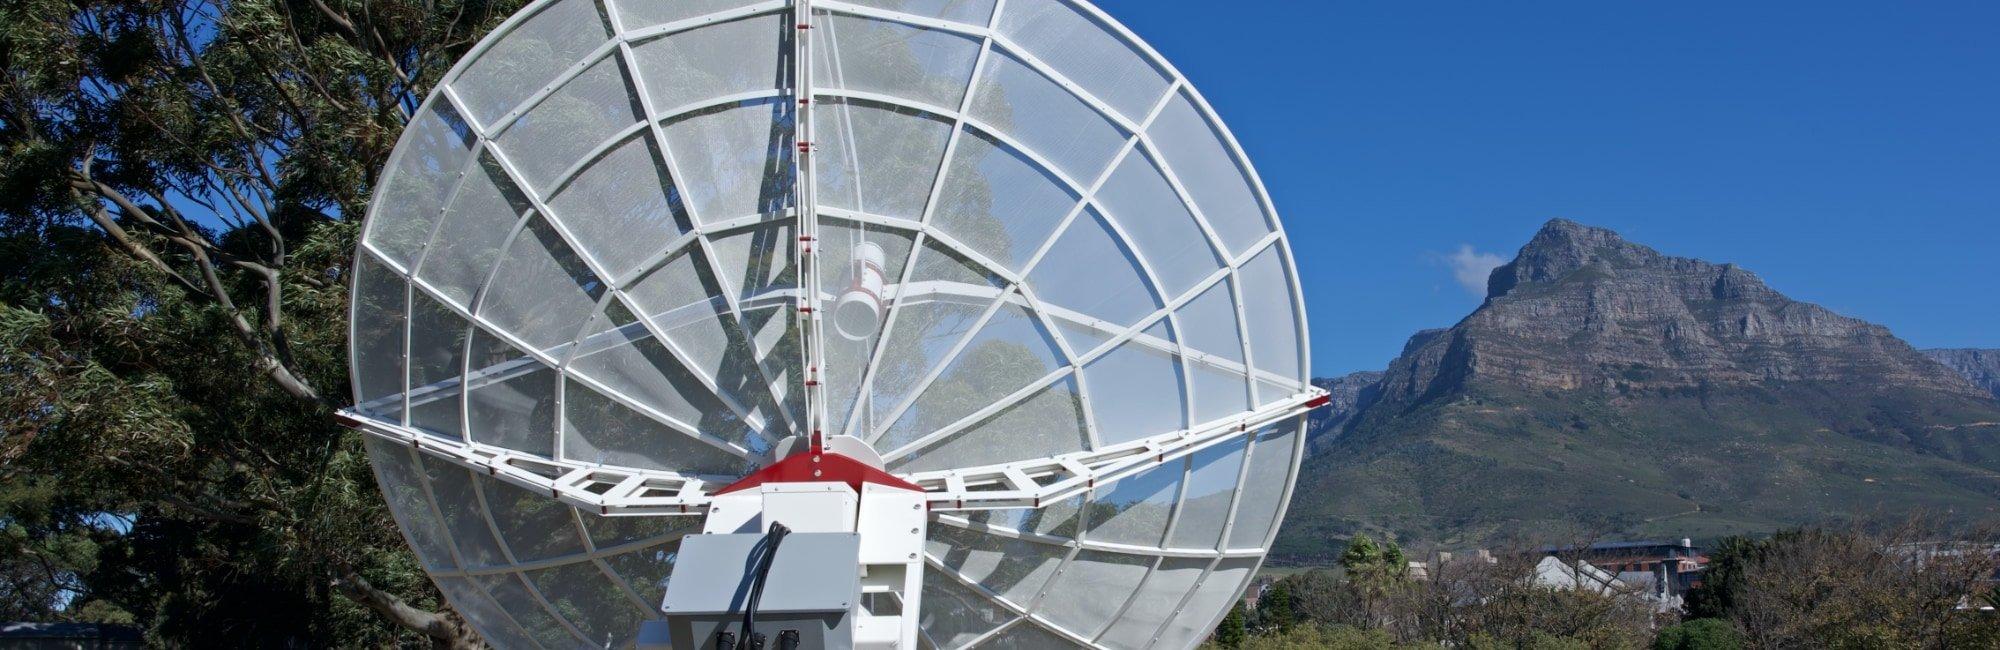 WEB300-5 3 meter parabolic antenna